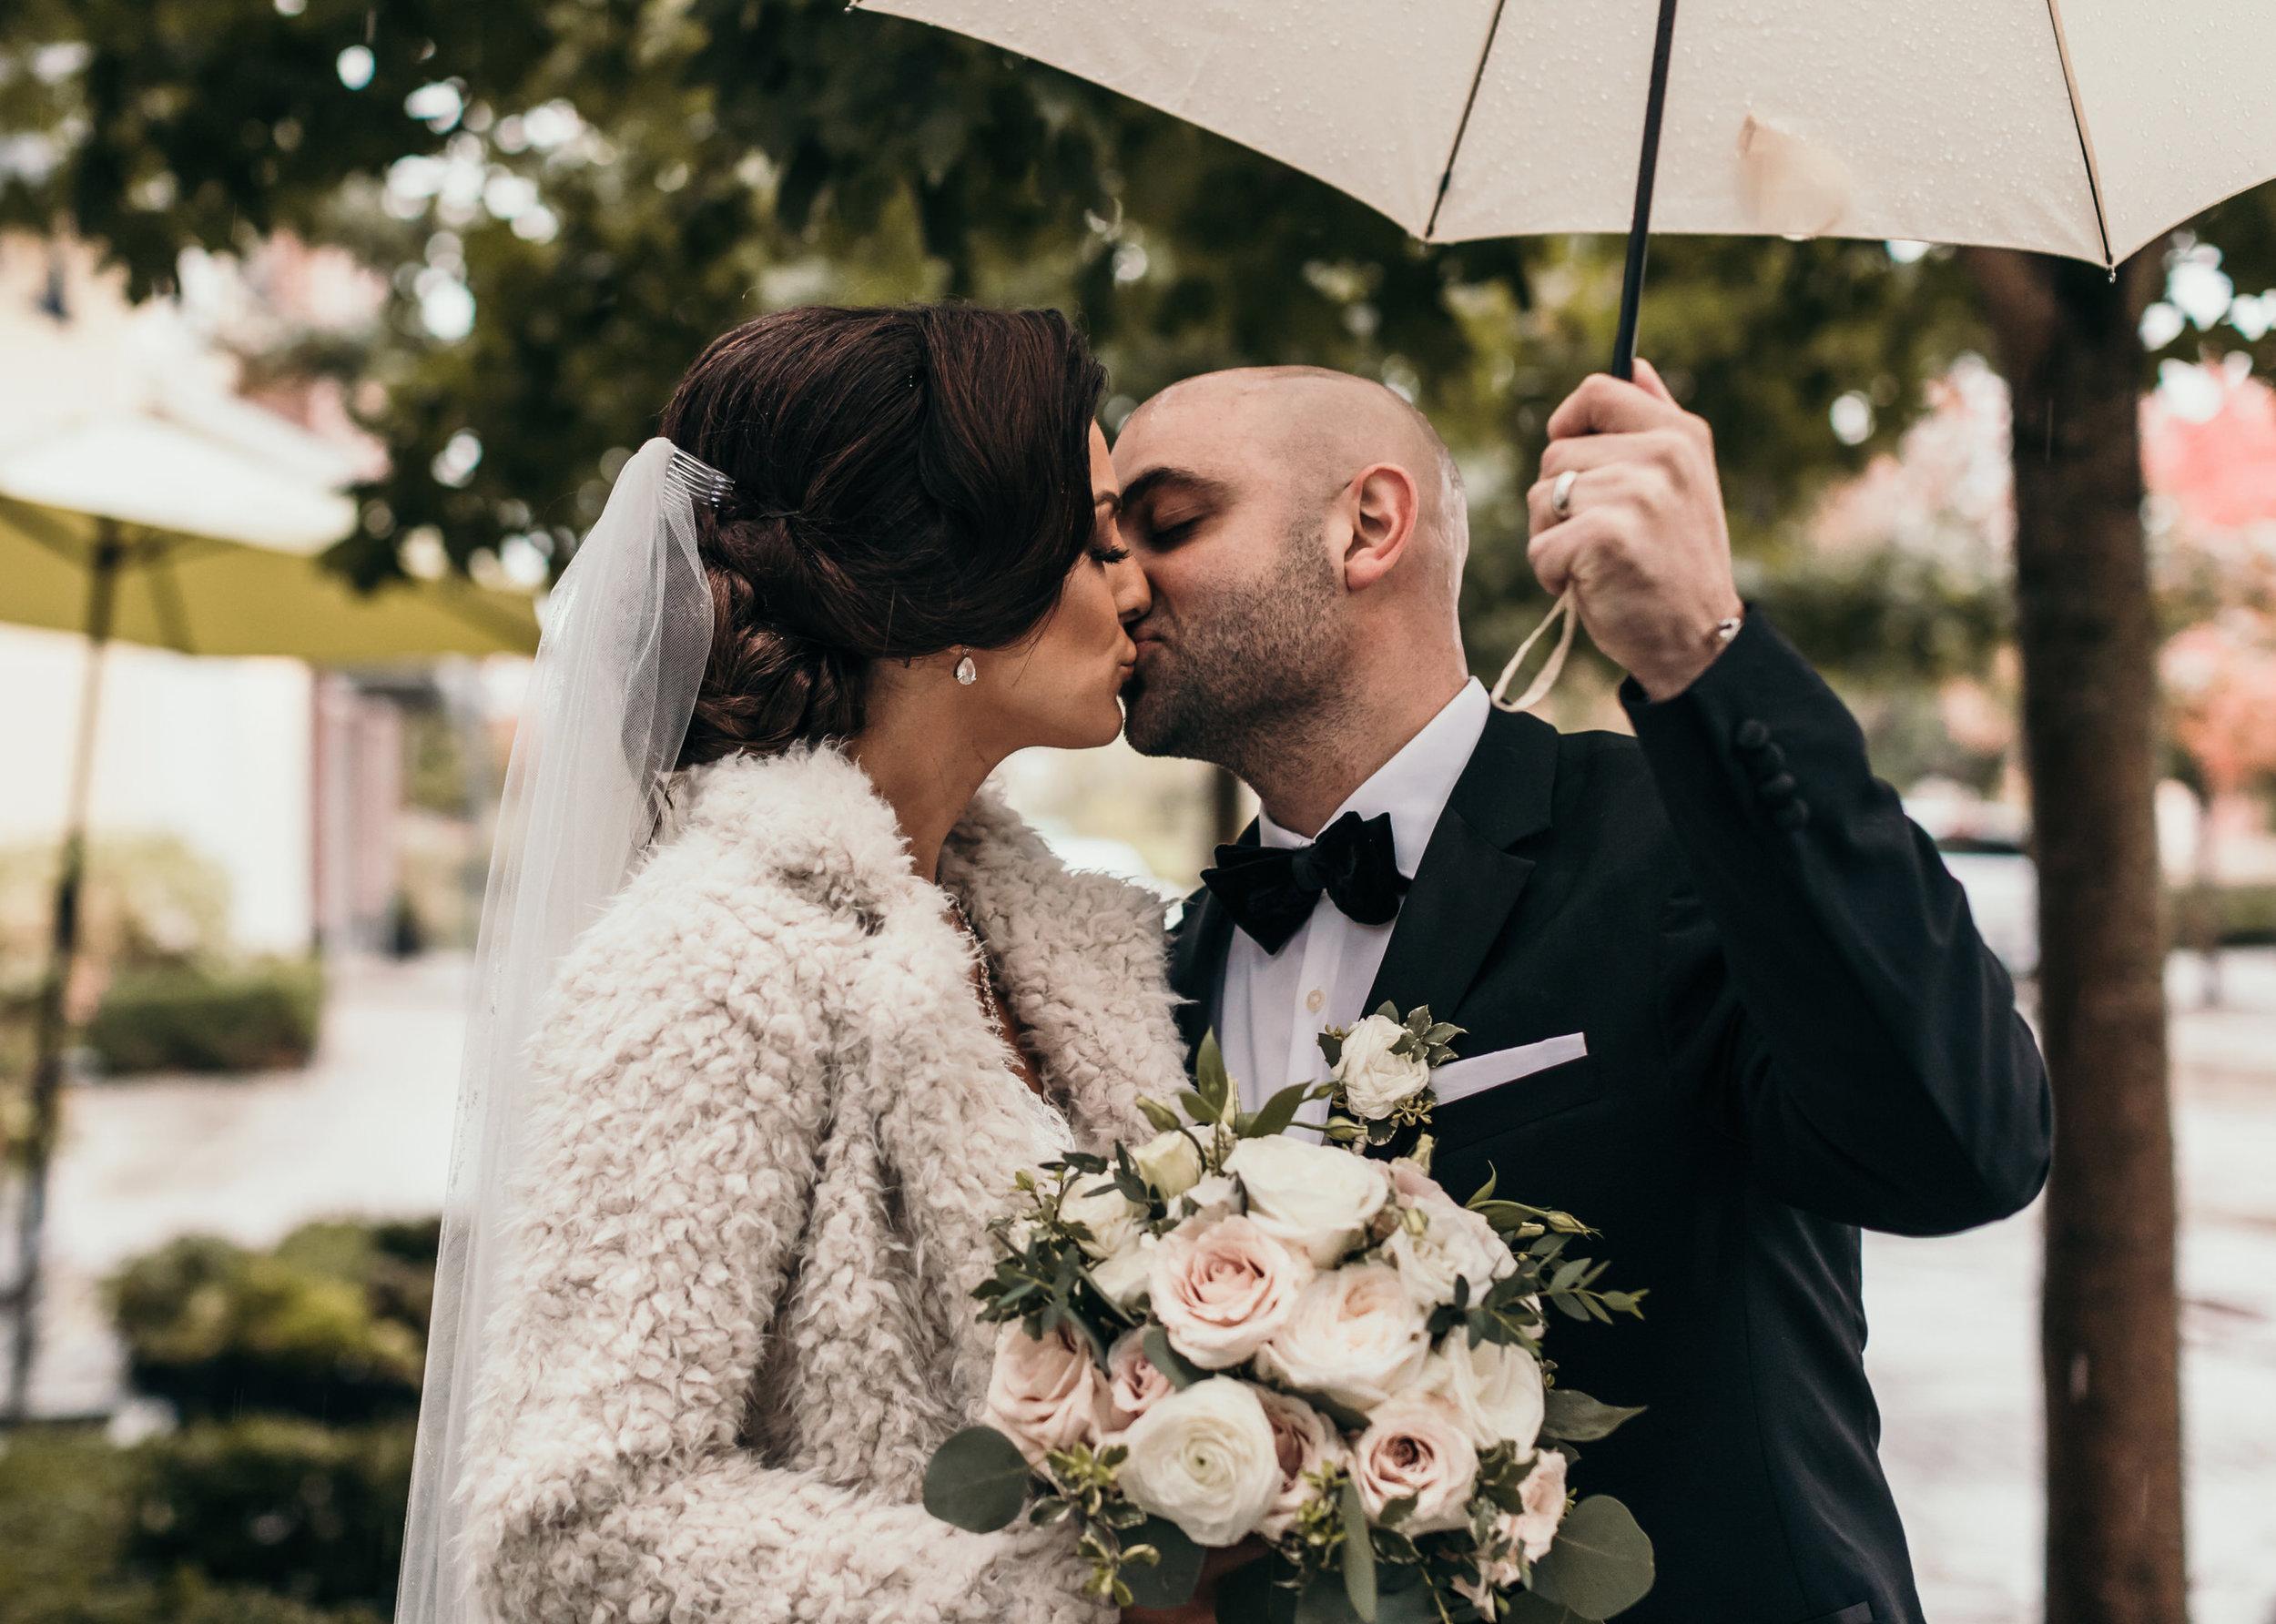 Pitt Meadows Wedding Photographer - Sky Hangar Wedding Photos - Vancouver Wedding Photographer & Videographer - Sunshine Coast Wedding Photos - Sunshine Coast Wedding Photographer - Jennifer Picard Photography - 1A5A1898.jpg